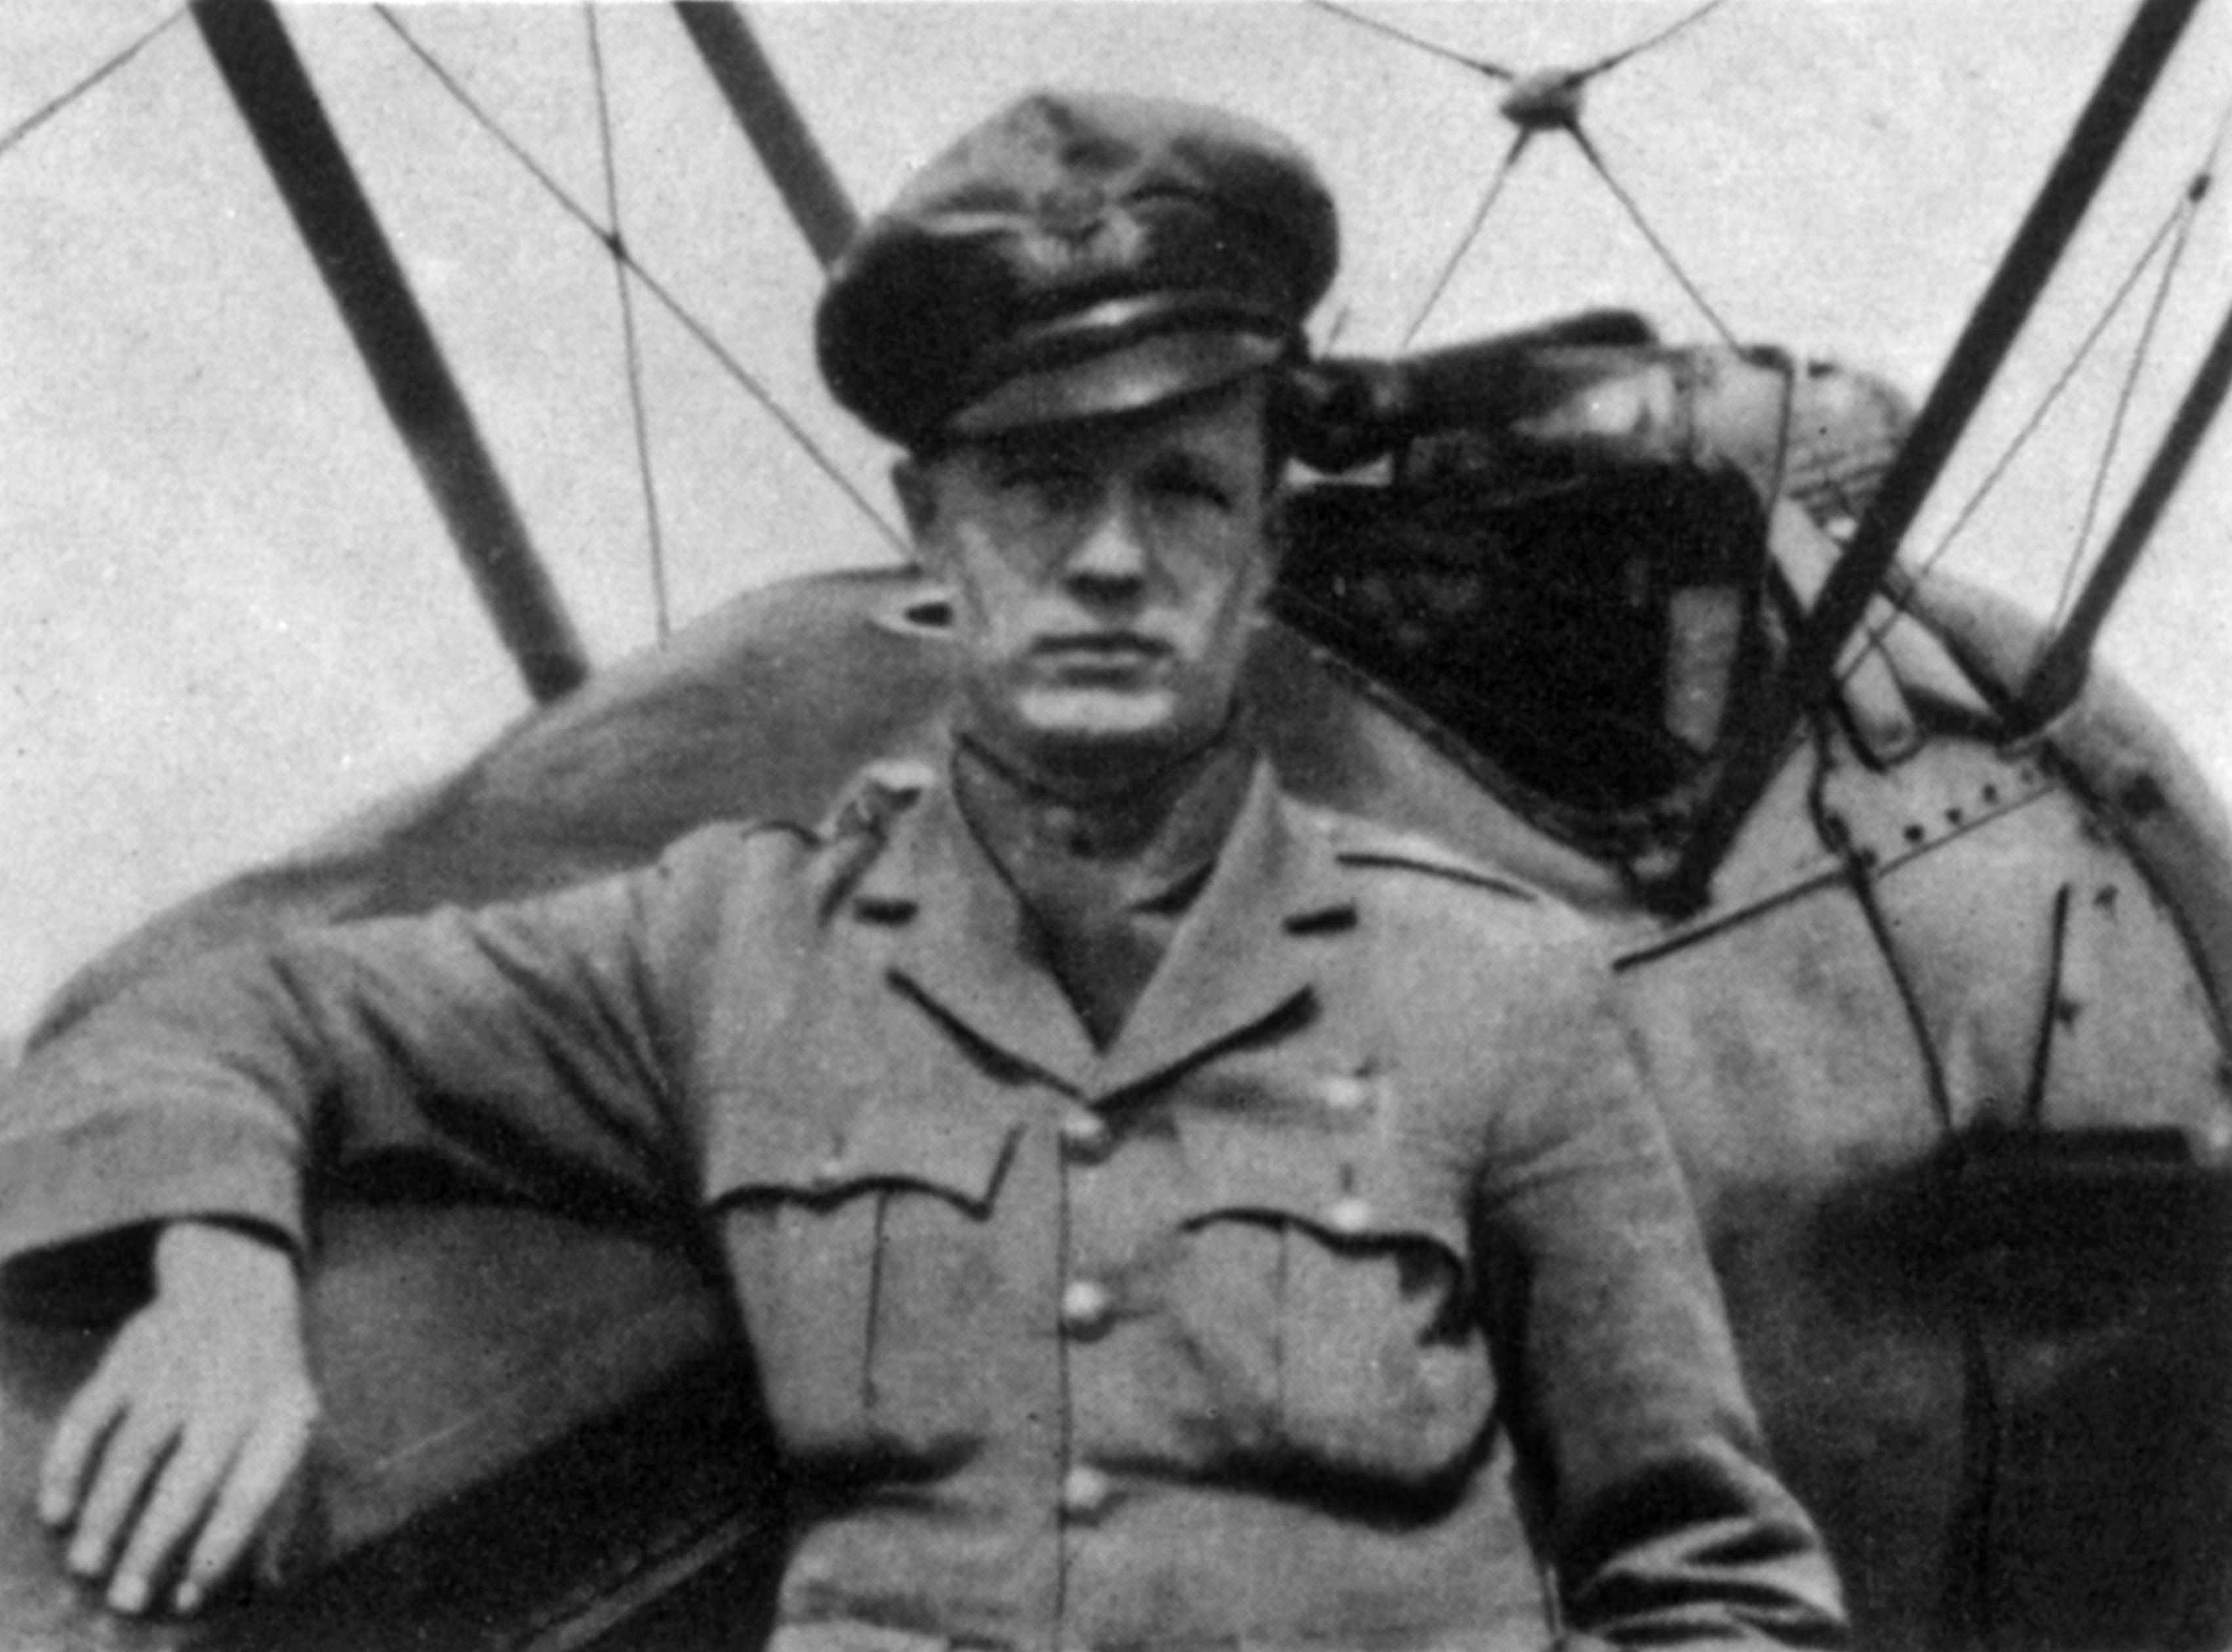 The Red Baron: Manfred von Richthofen